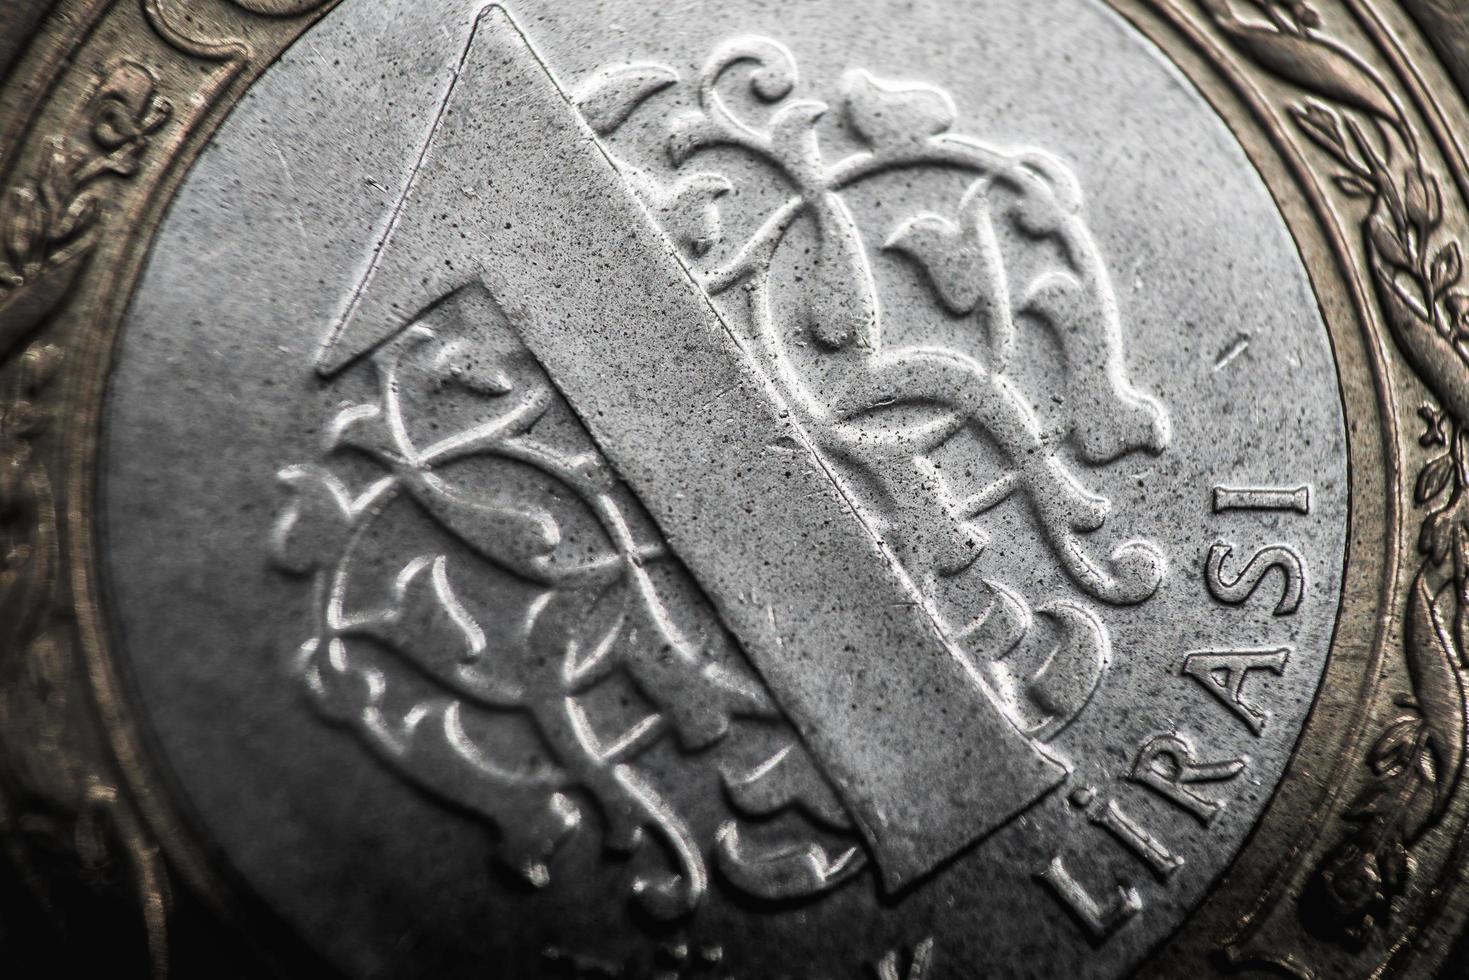 Turquie 2016 - pièce de monnaie lire turque close-up photo